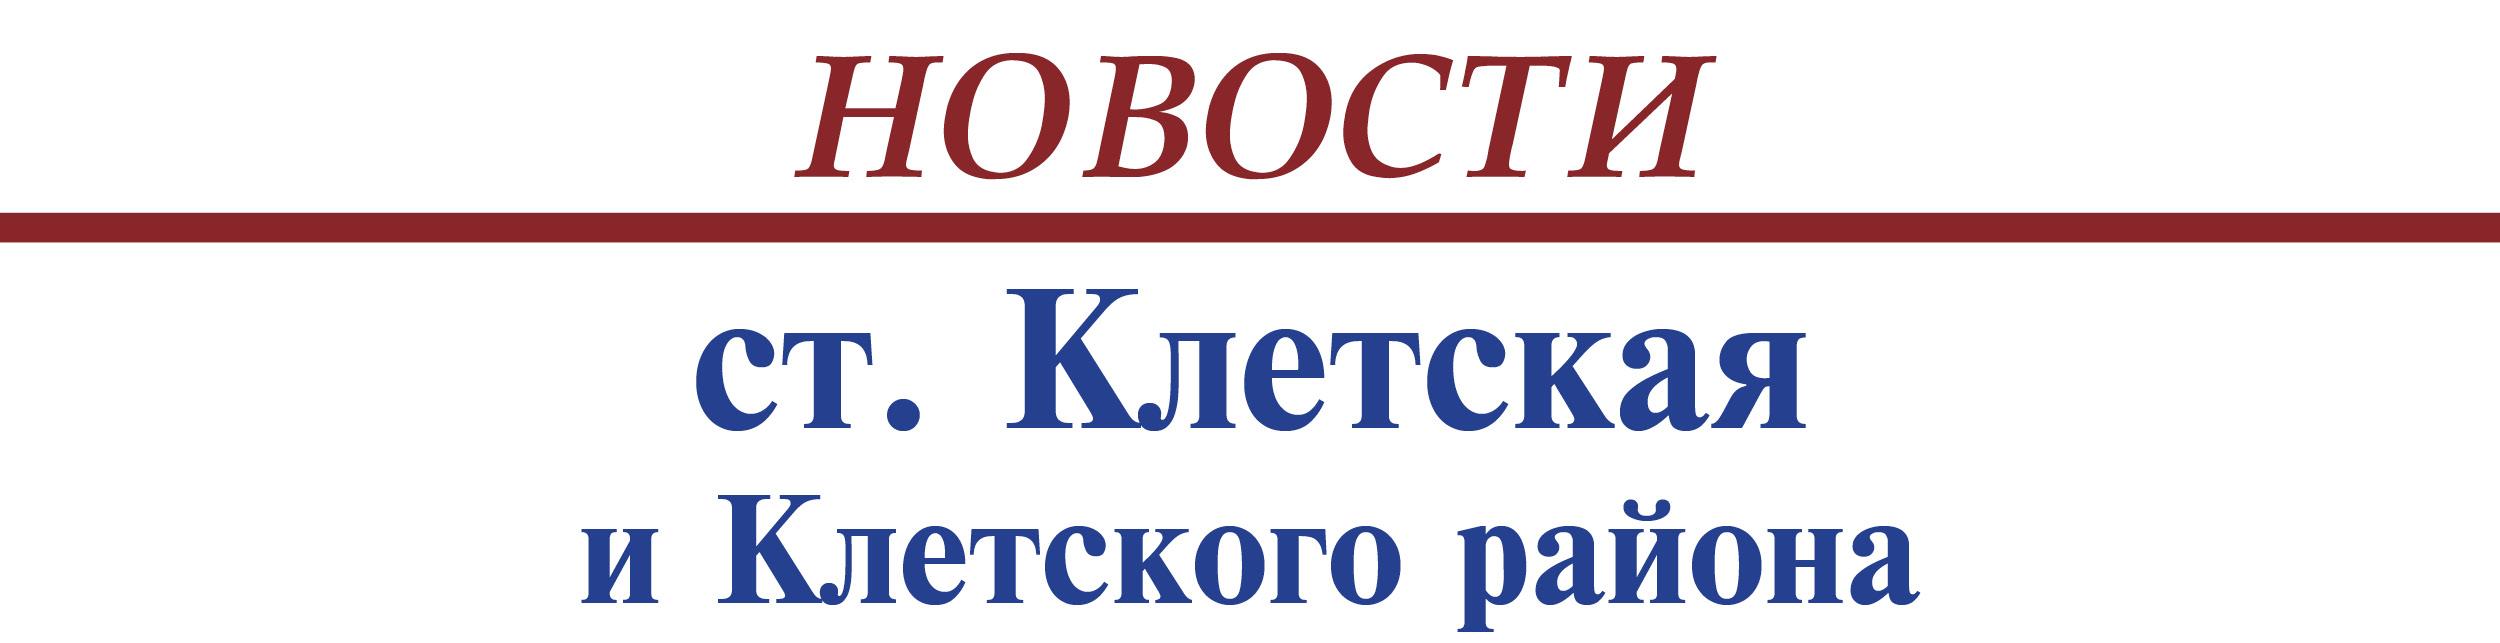 Михайловский ровд волгоградской области